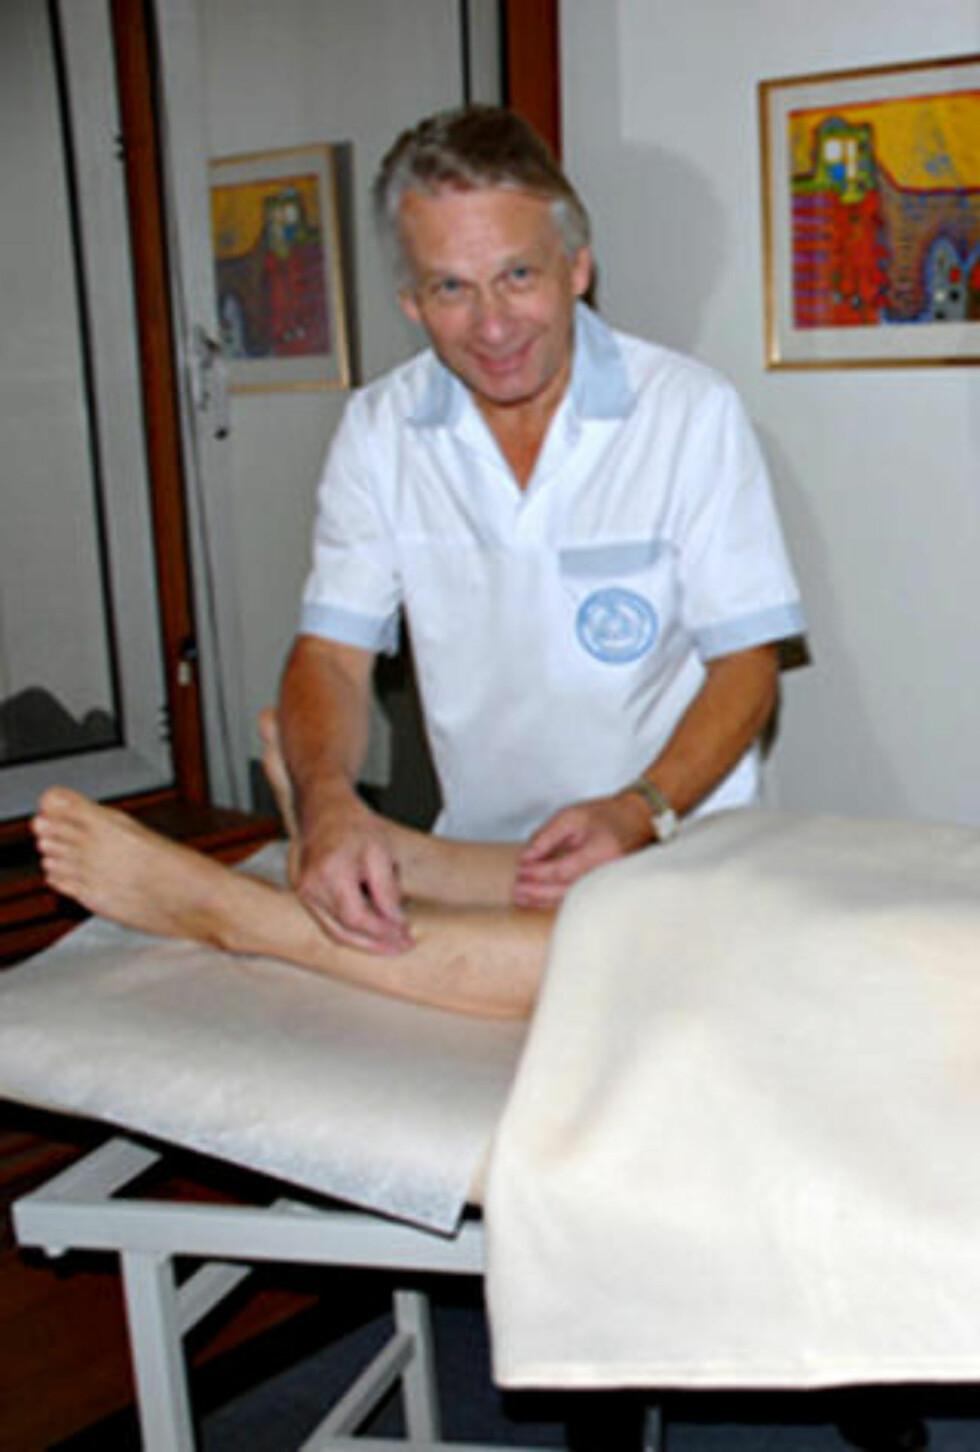 ERFAREN: Tony Venbakken (67) har tidligere behandlet flere kjente musikere. Han behandler kongeparet med akupunktur. Foto: Privat